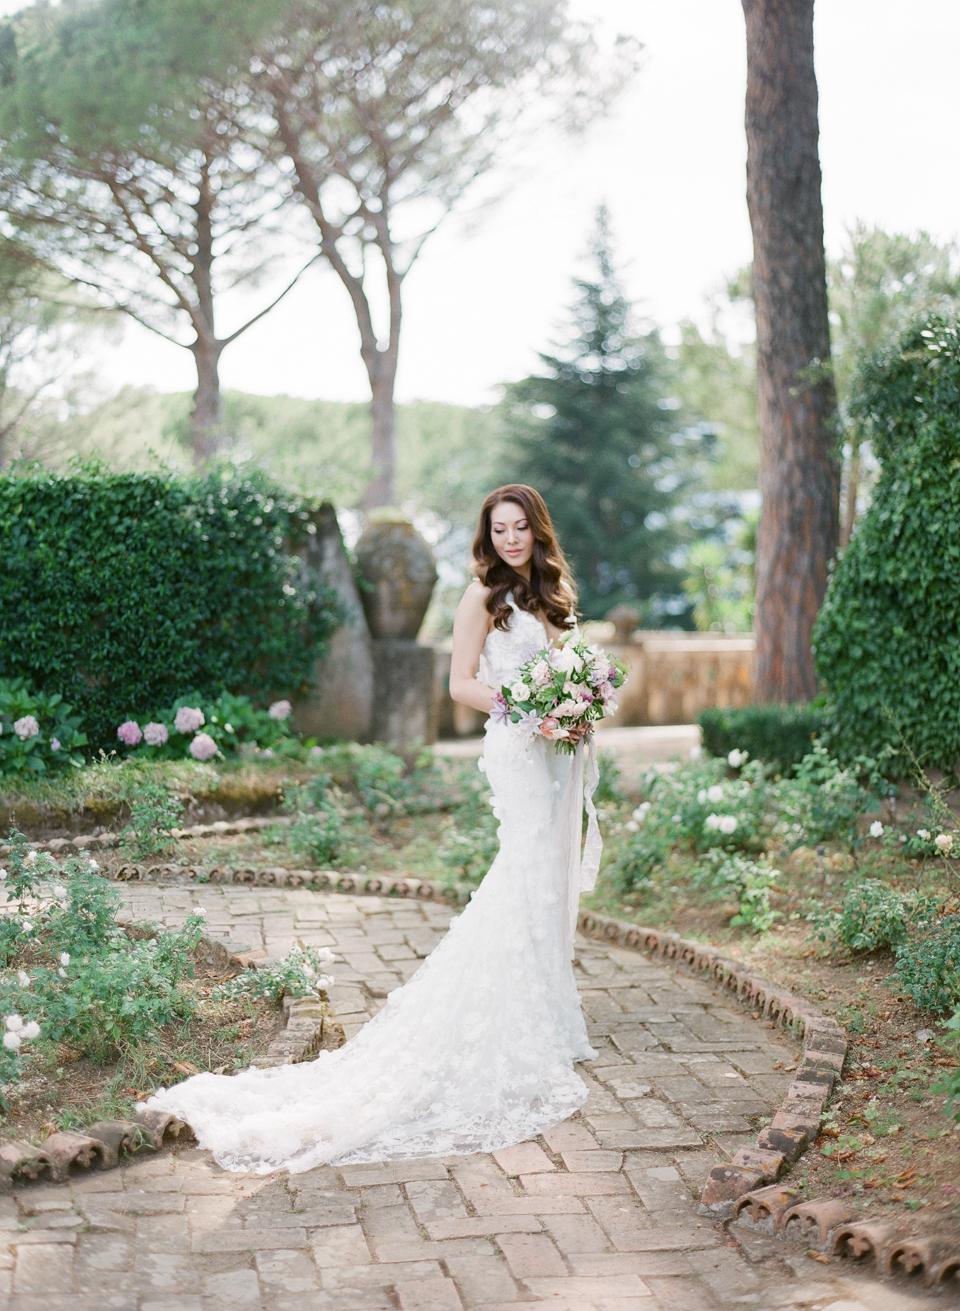 adrienne cameron wedding bride standing in garden